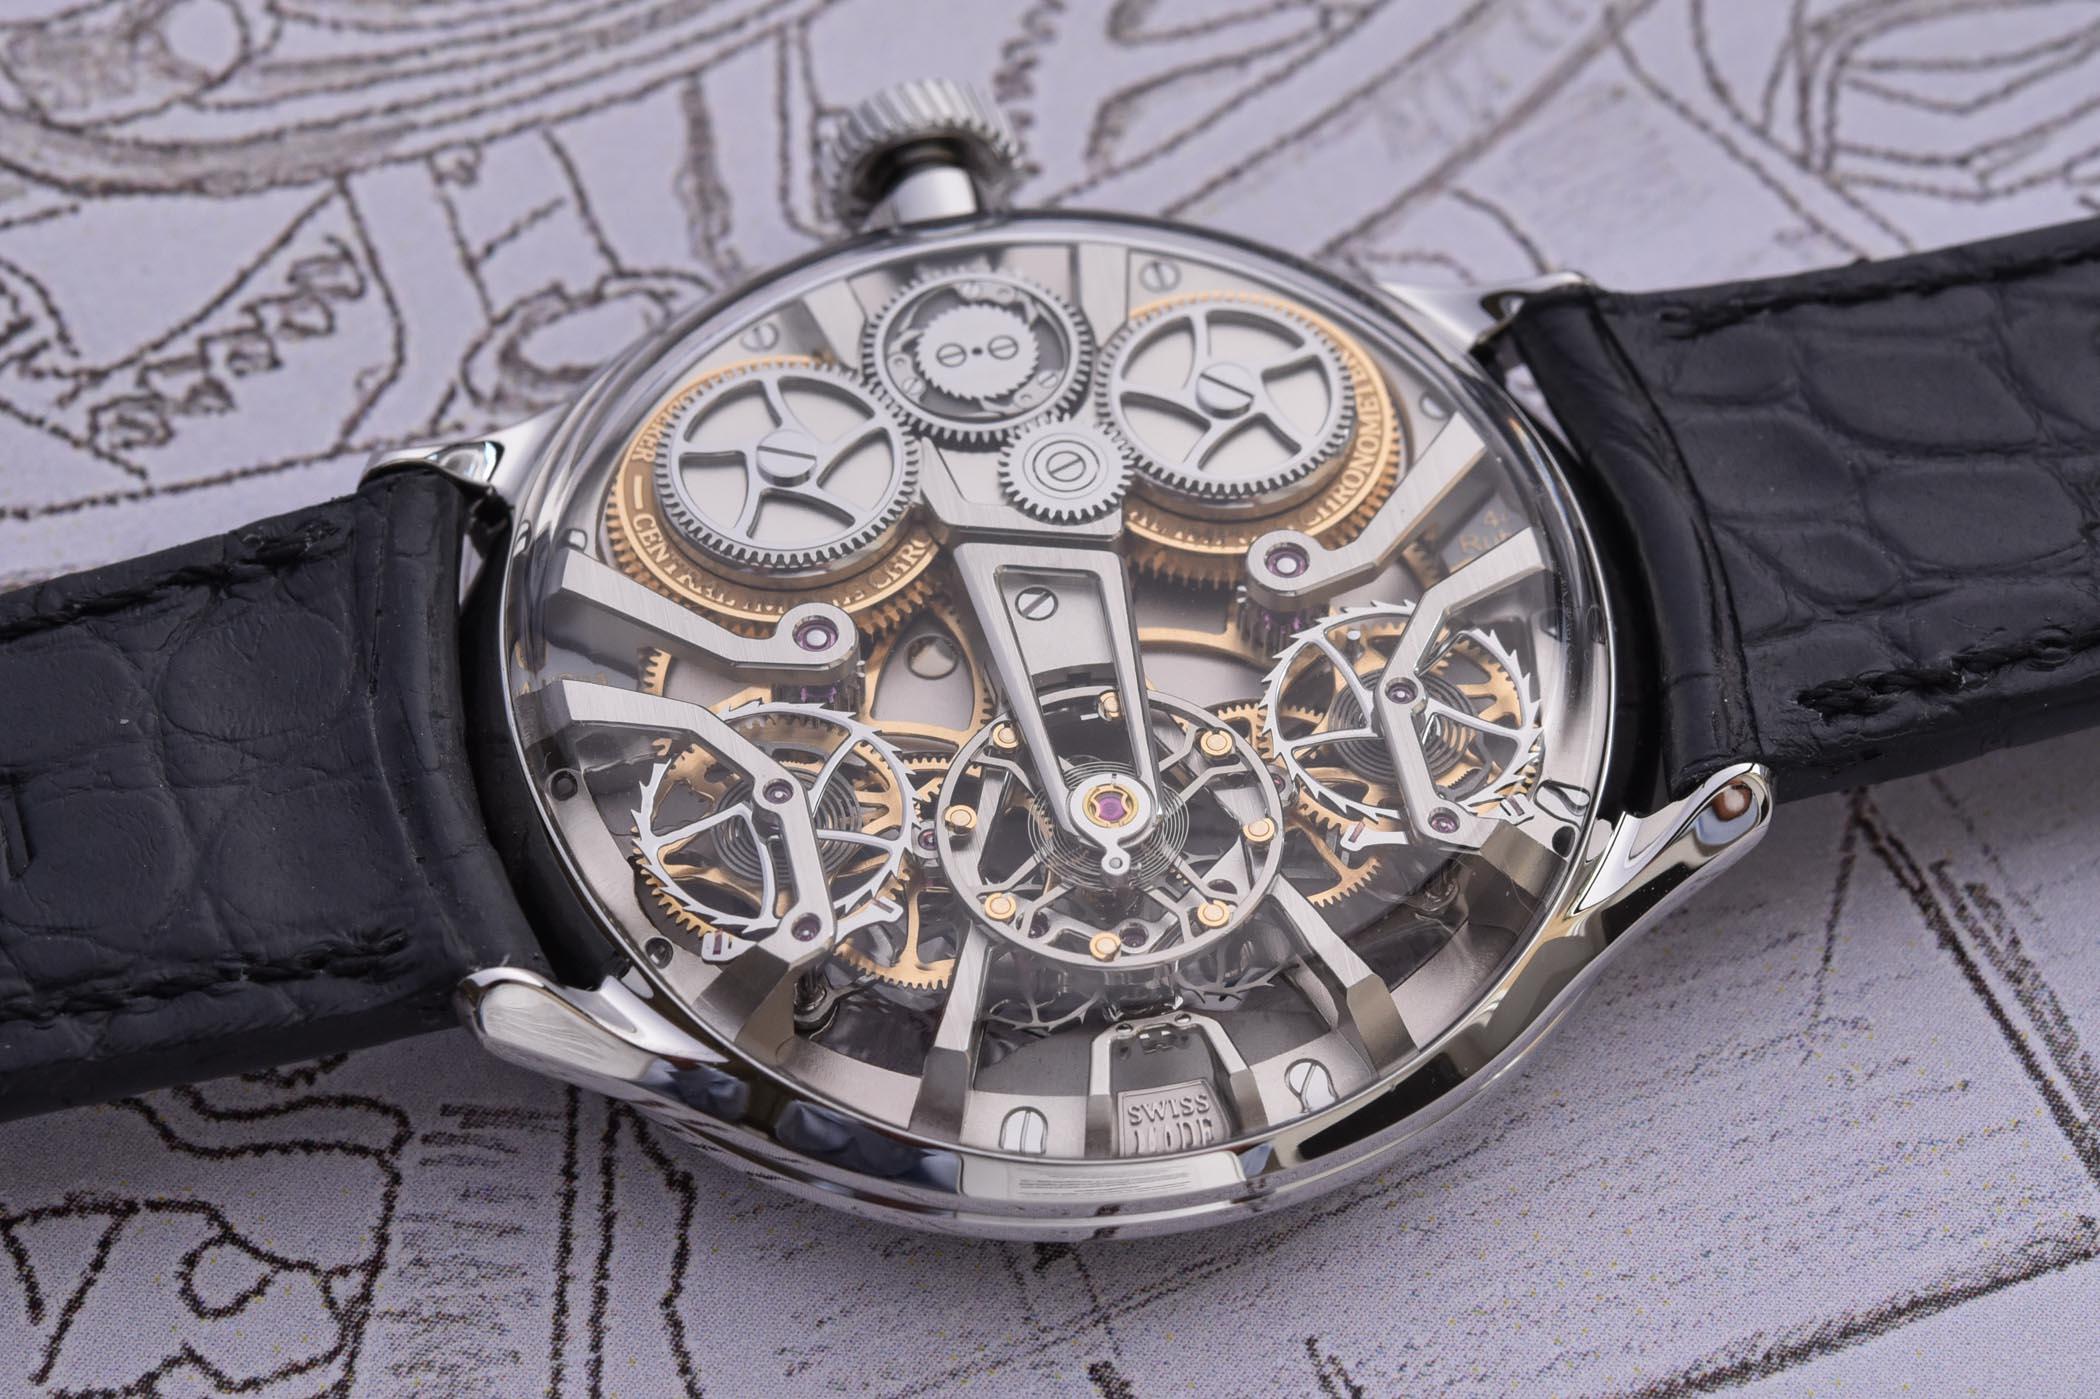 Bernhard Lederer Central Impulse Chronometer Final Version